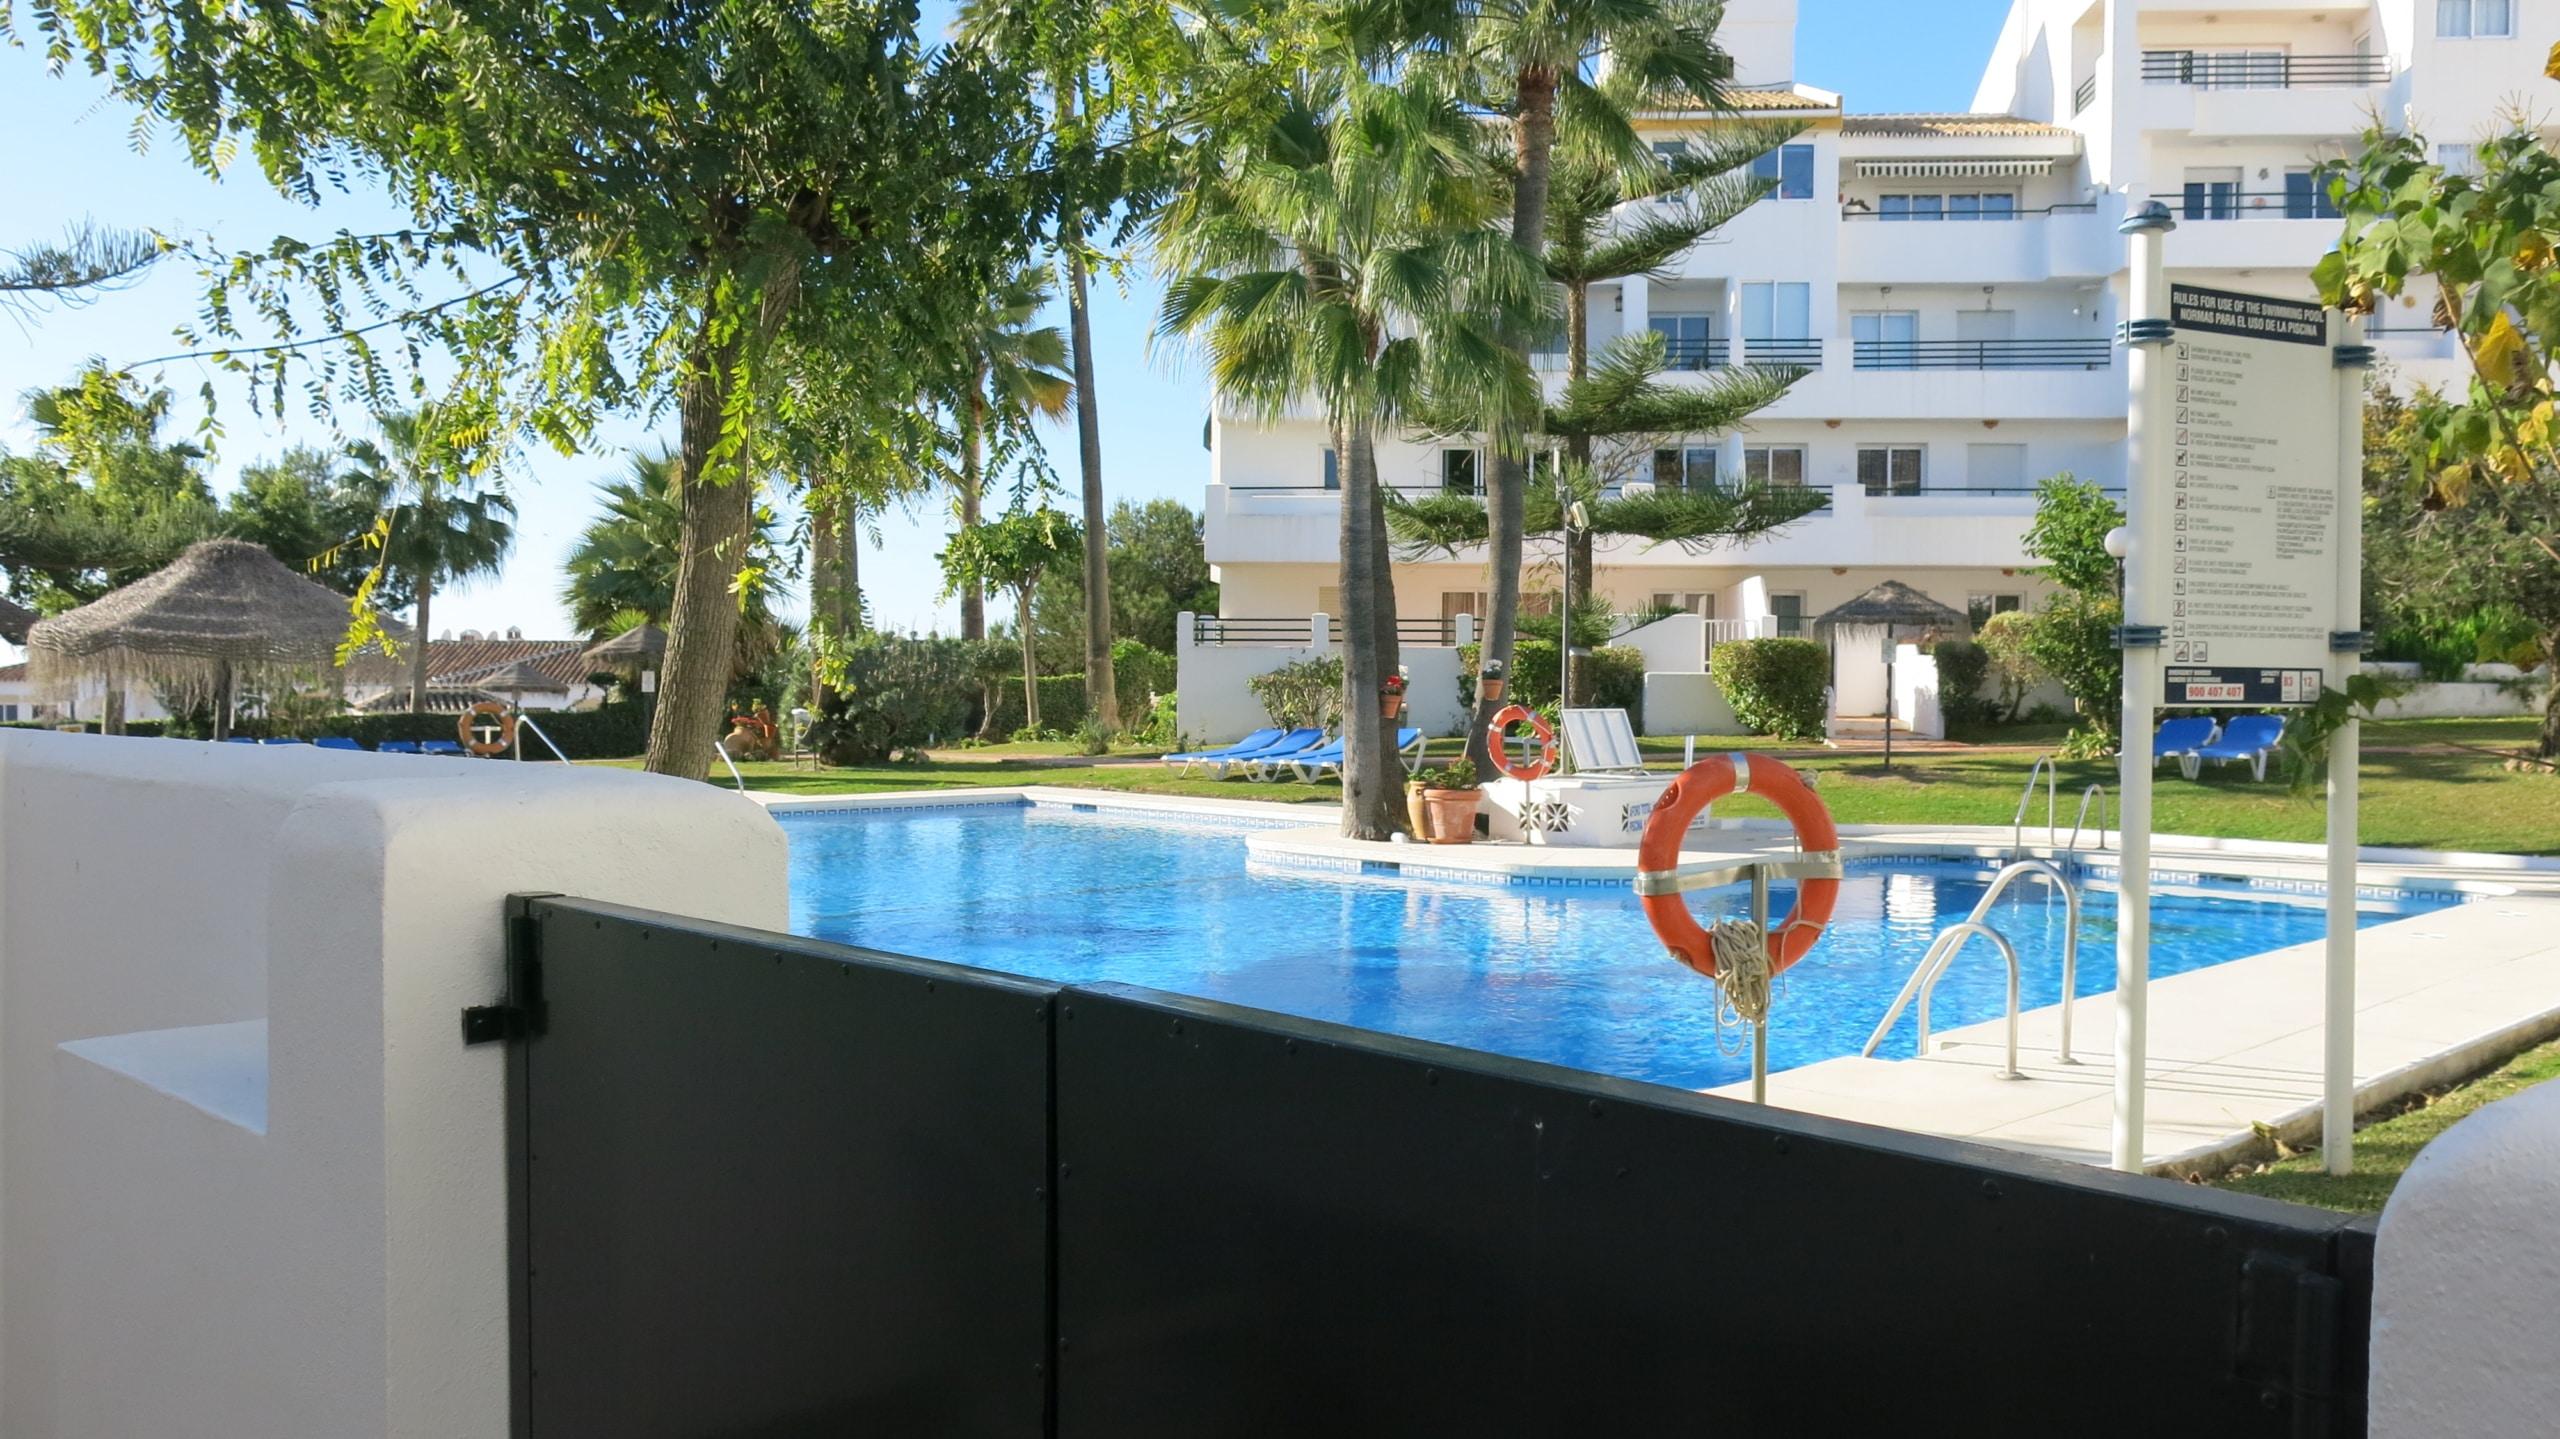 Swimming pool 10 meters away